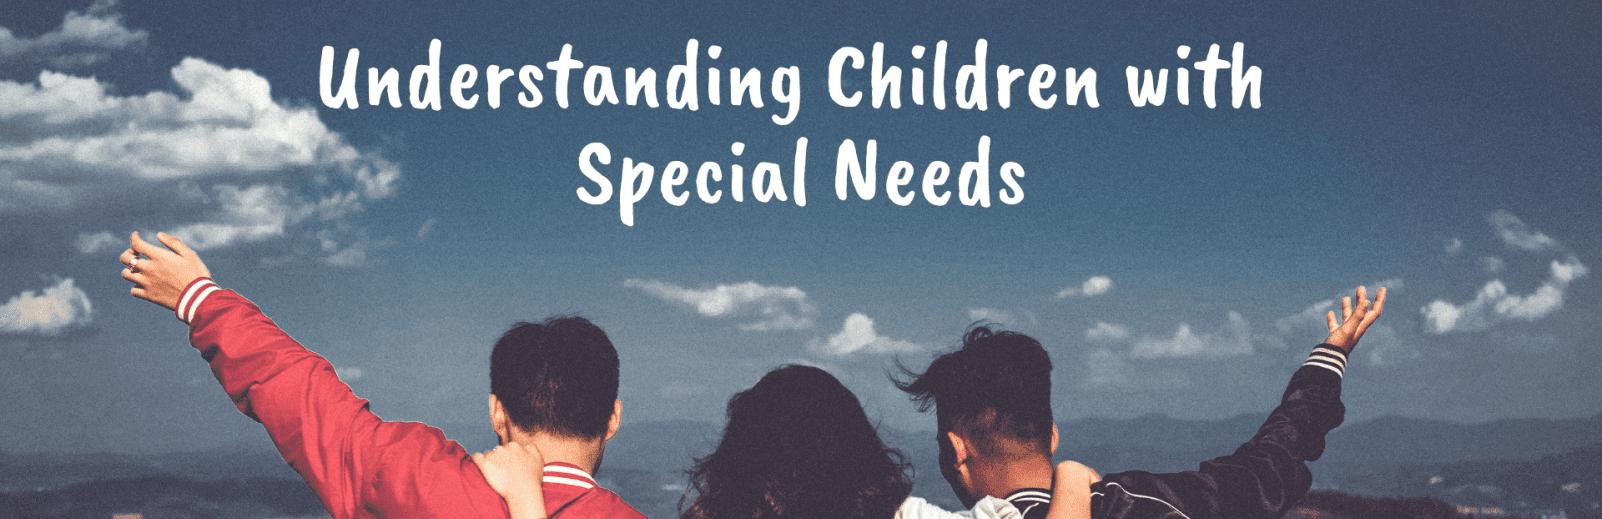 ACCIHS_Understanding Children With Special Needs_Header